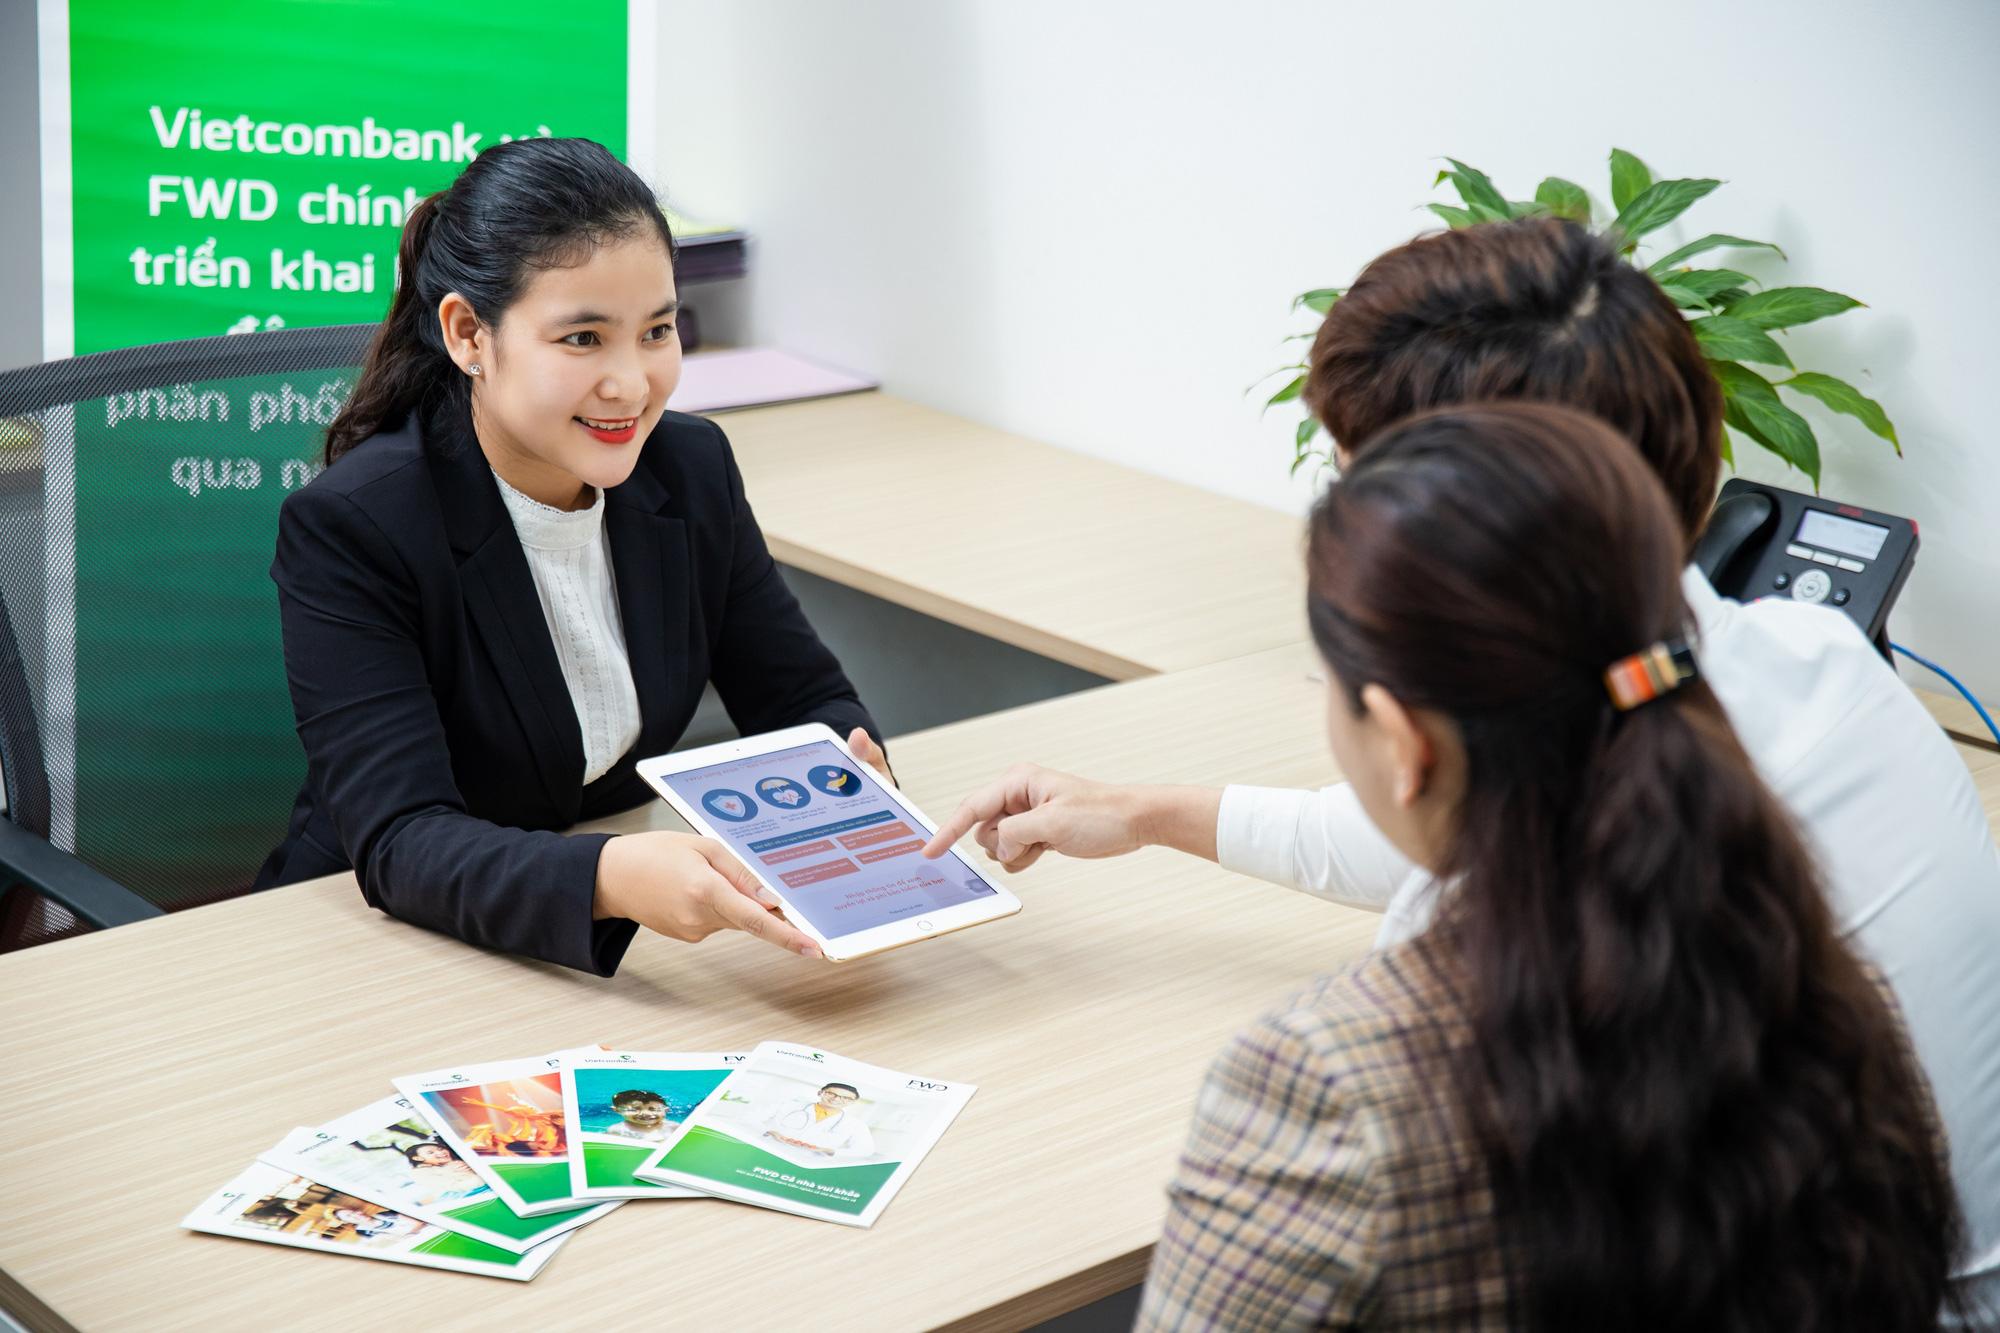 Vietcombank và FWD chính thức triển khai hợp tác độc quyền phân phối bảo hiểm qua ngân hàng - Ảnh 3.